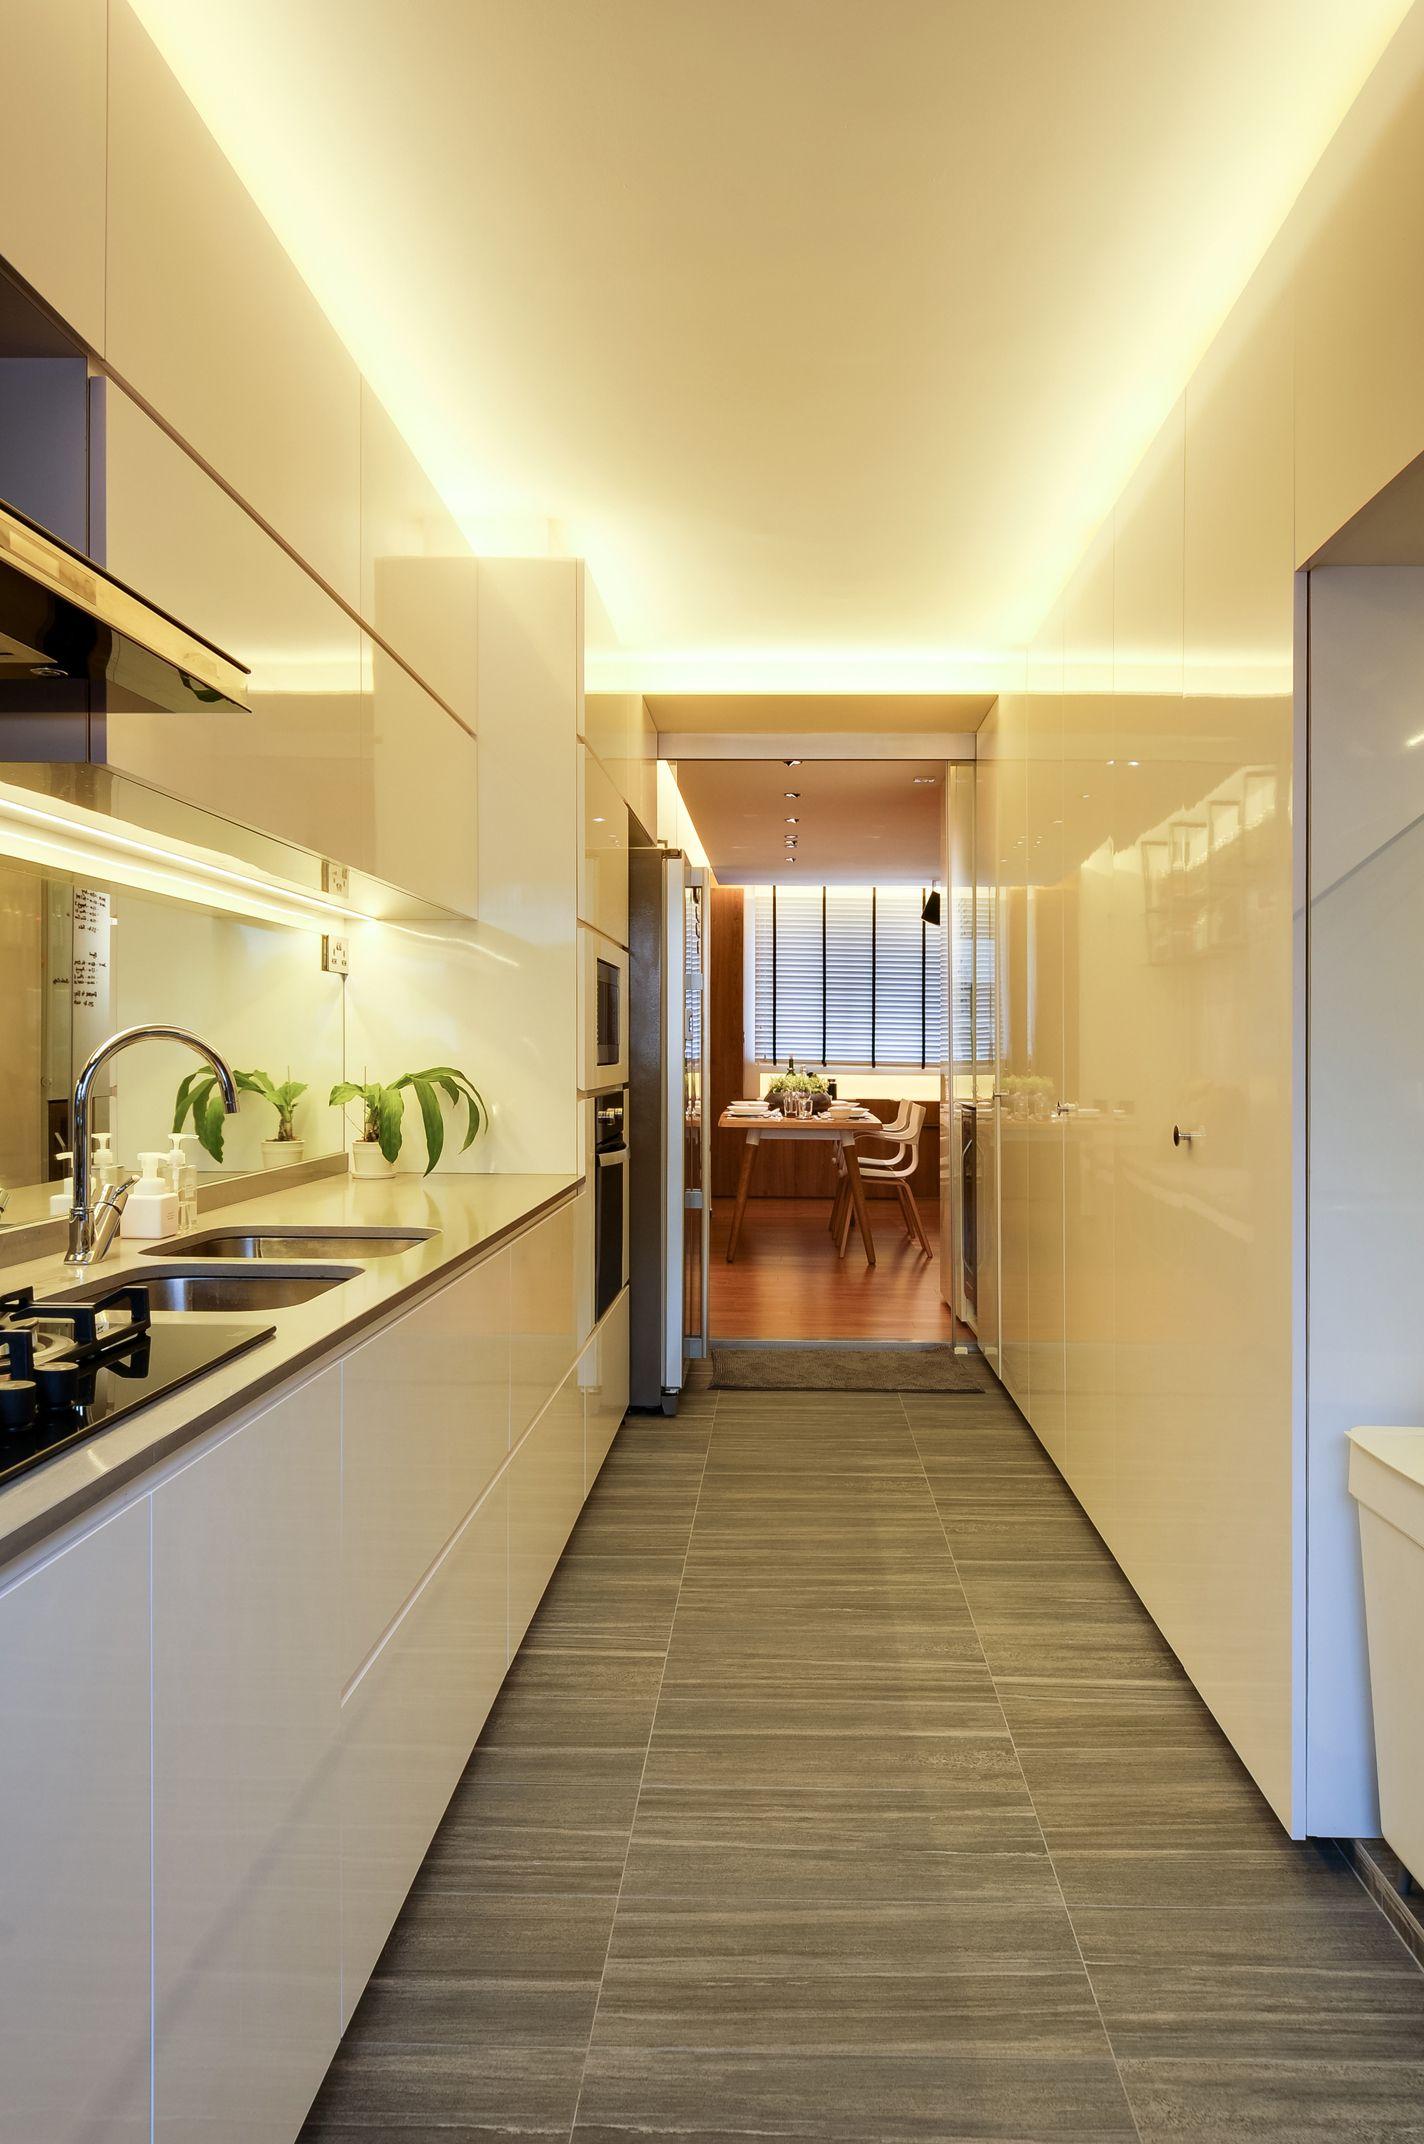 Bdg Style Idaho Project Kitchen: Interior Design Kitchen Image By Erstudio Pte Ltd On Design & Build: Resale HDB @ Serangoon